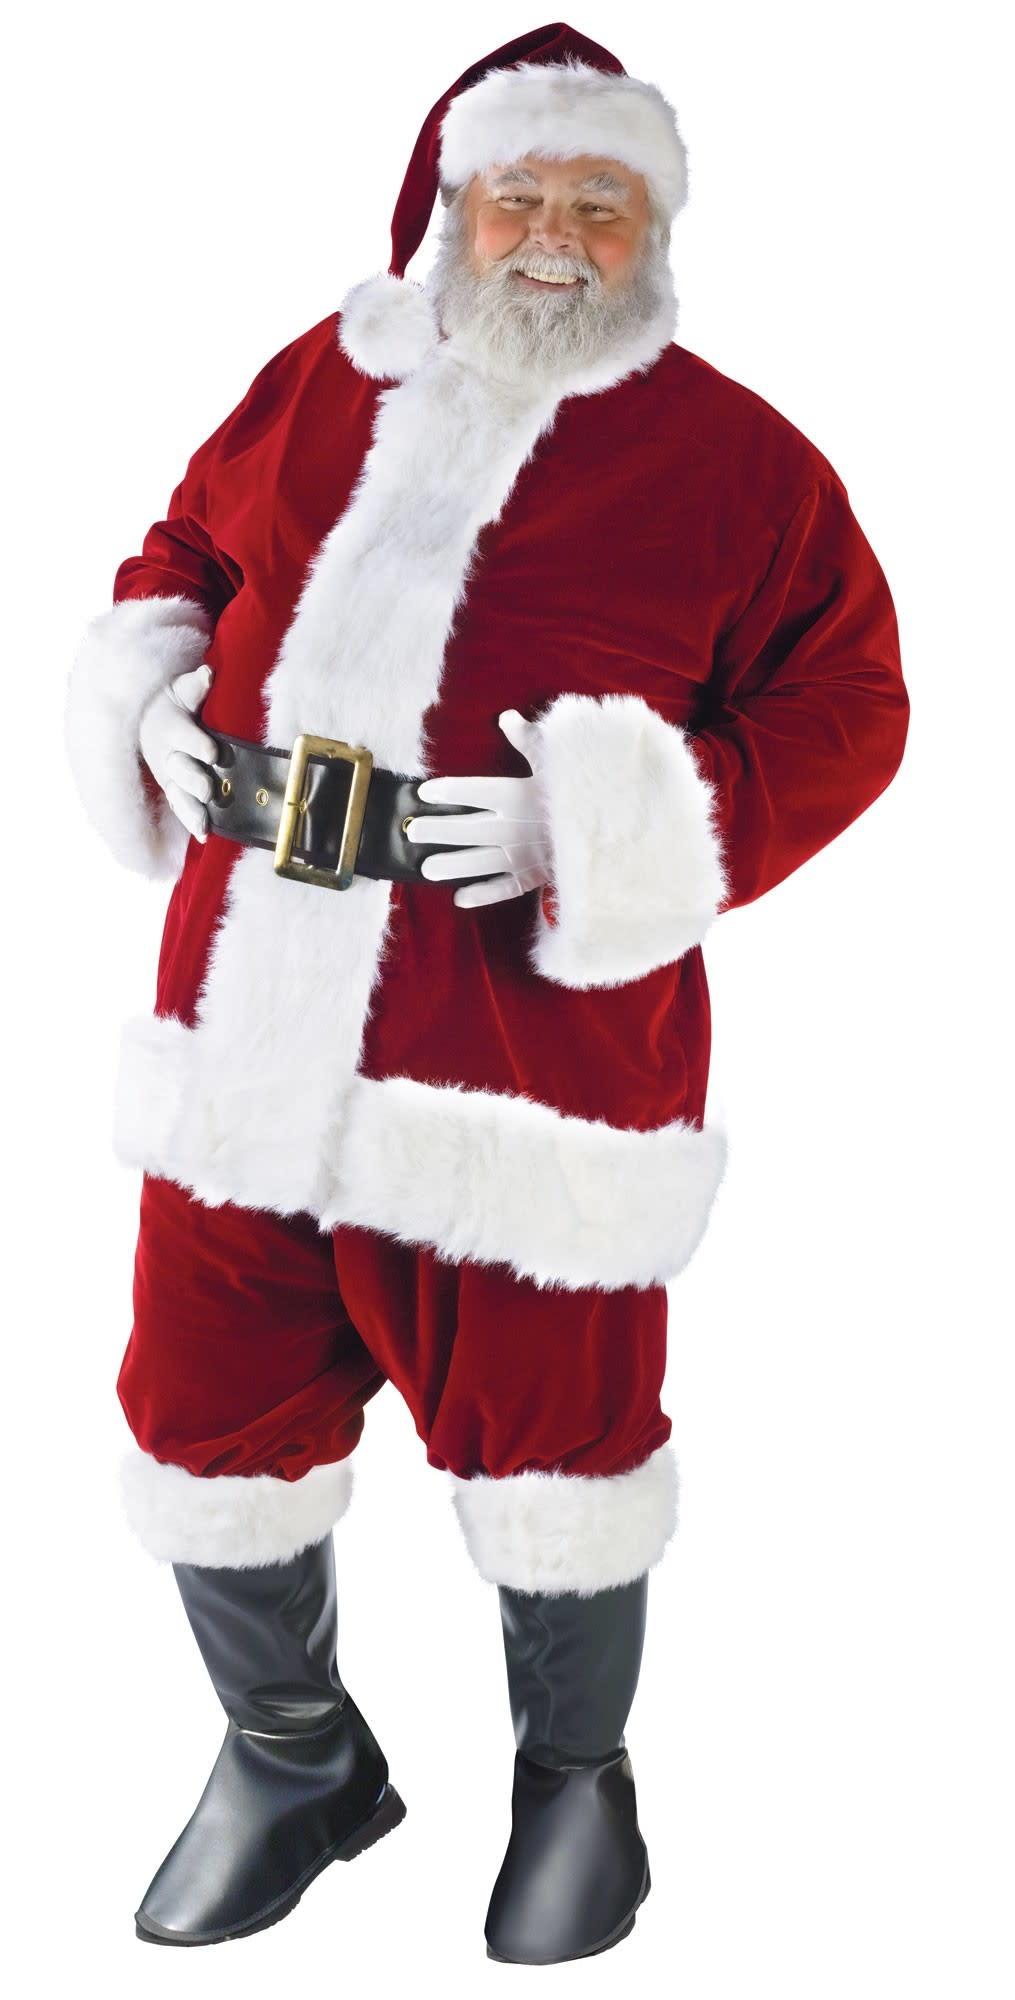 ultra velvet santa suit plus size costume jacket 50 54. Black Bedroom Furniture Sets. Home Design Ideas